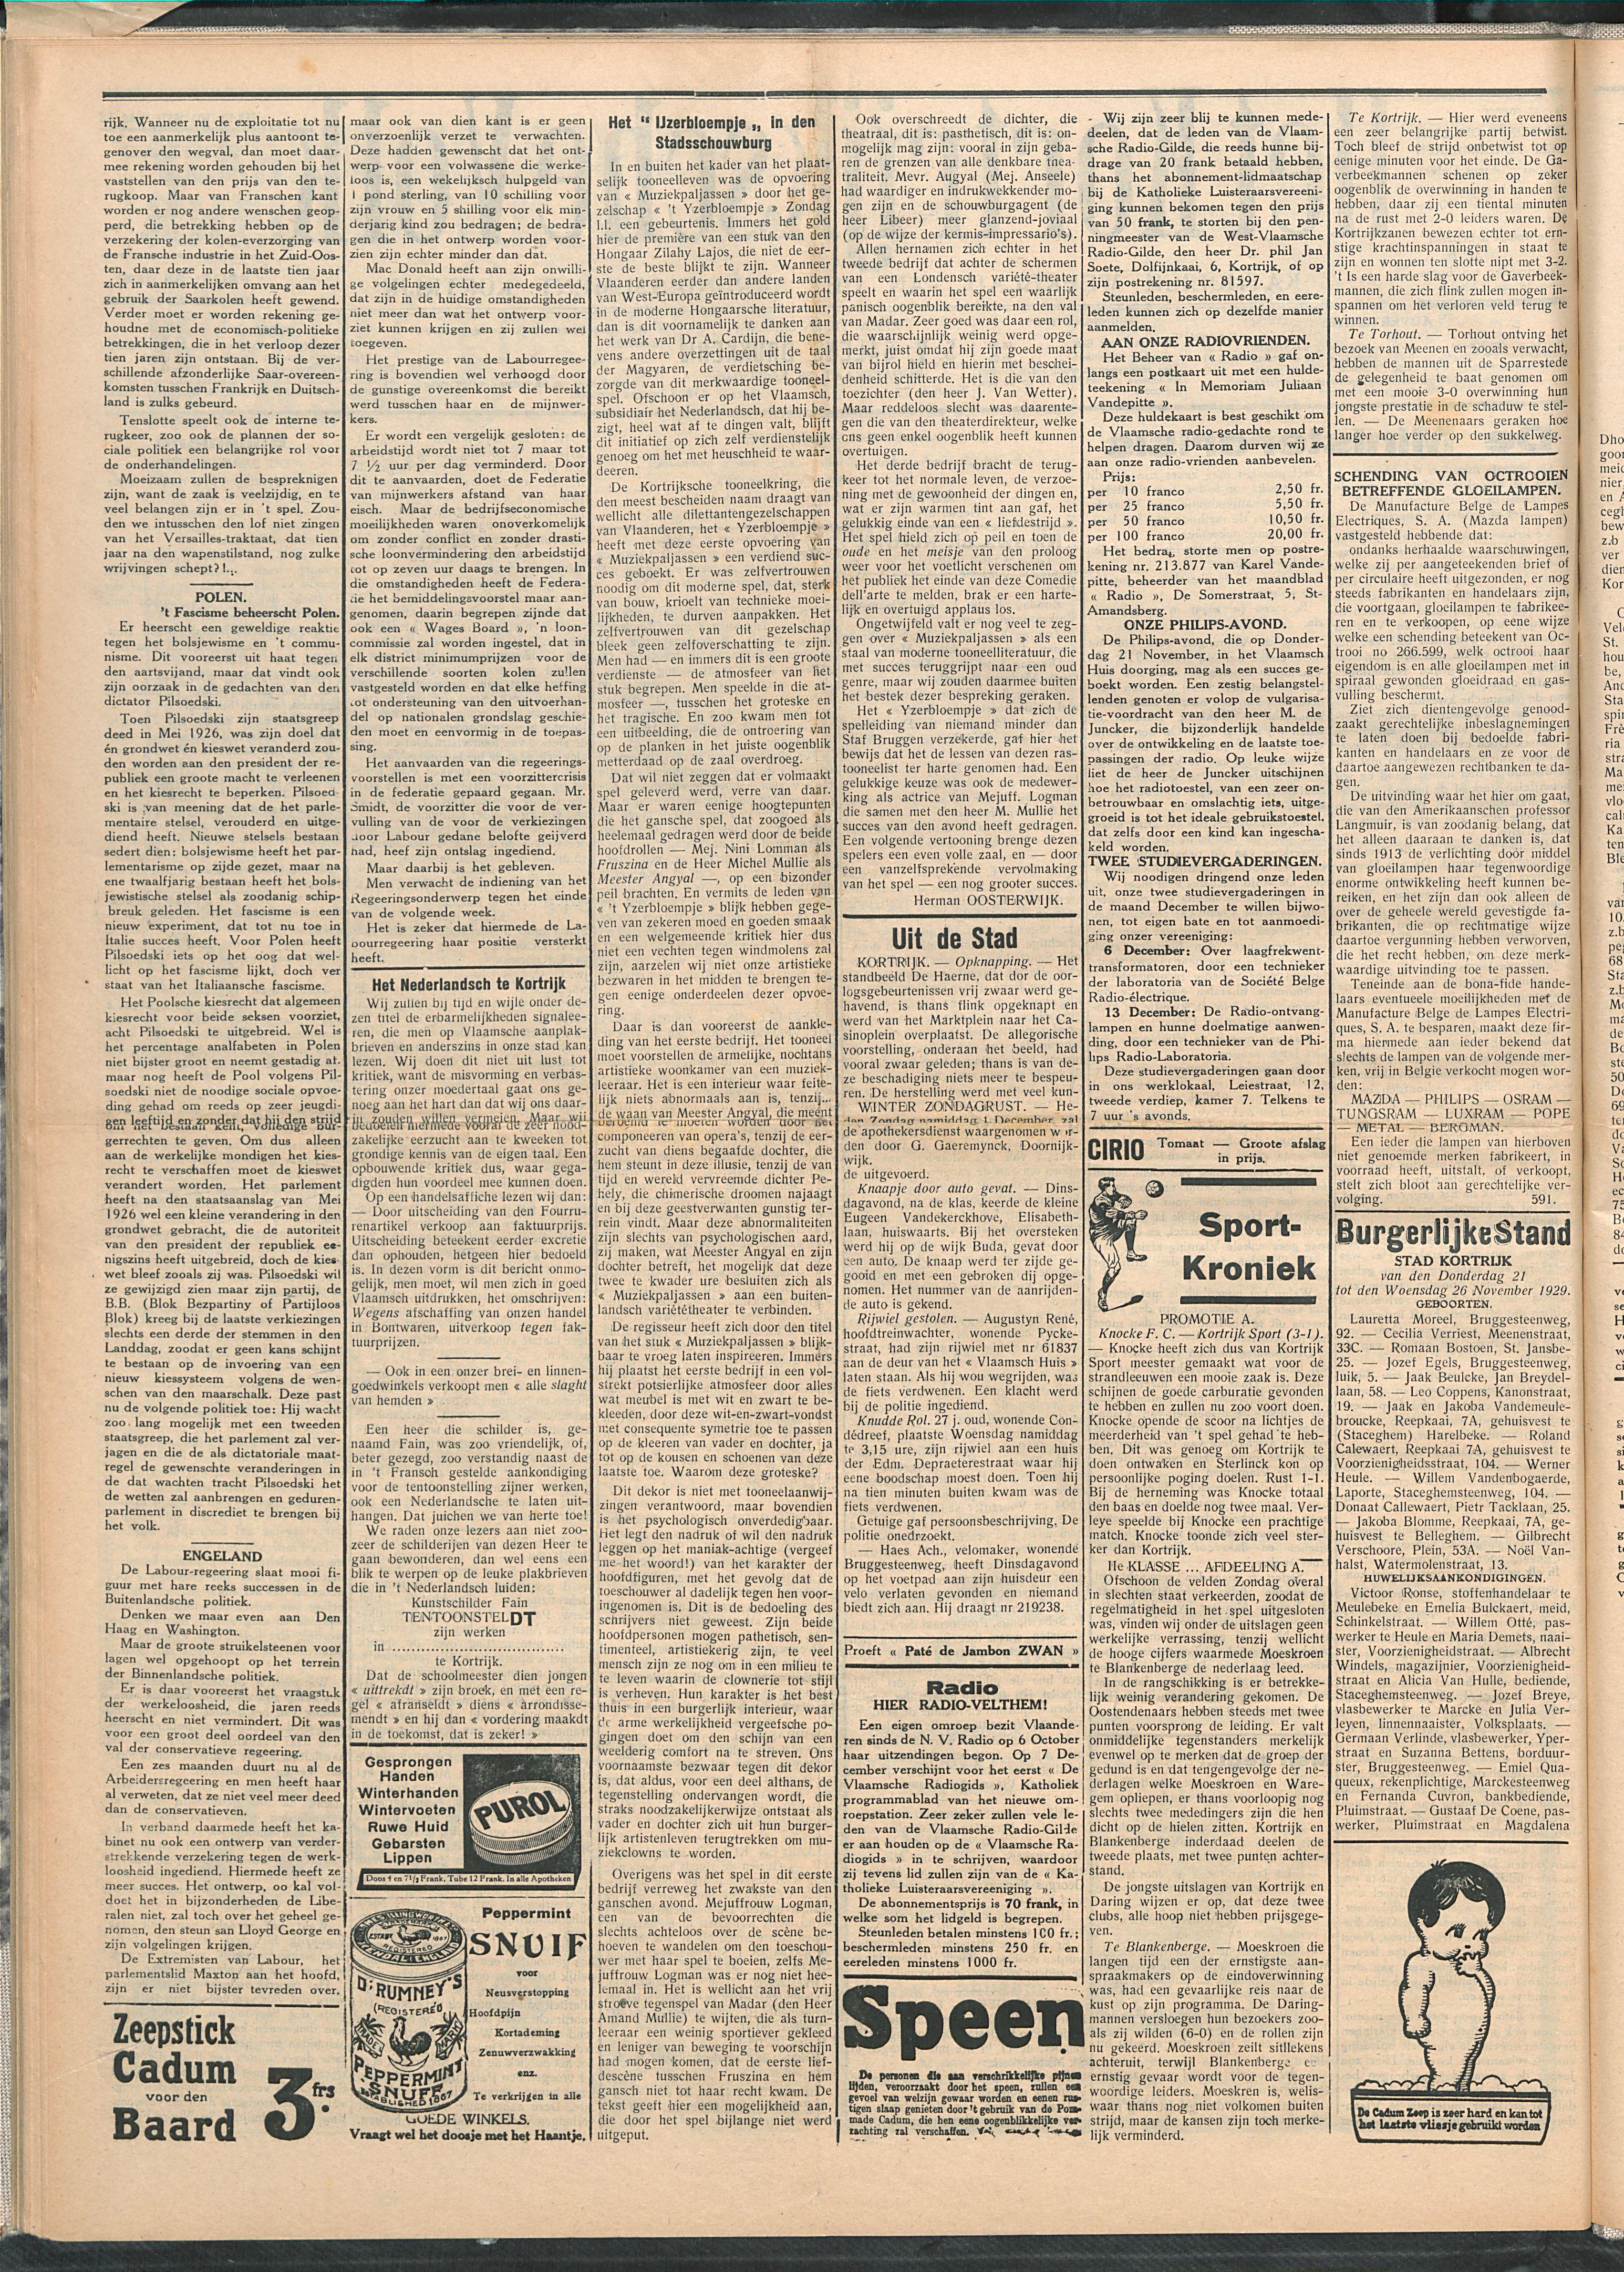 Het Kortrijksche Volk 1929-12-01 p2